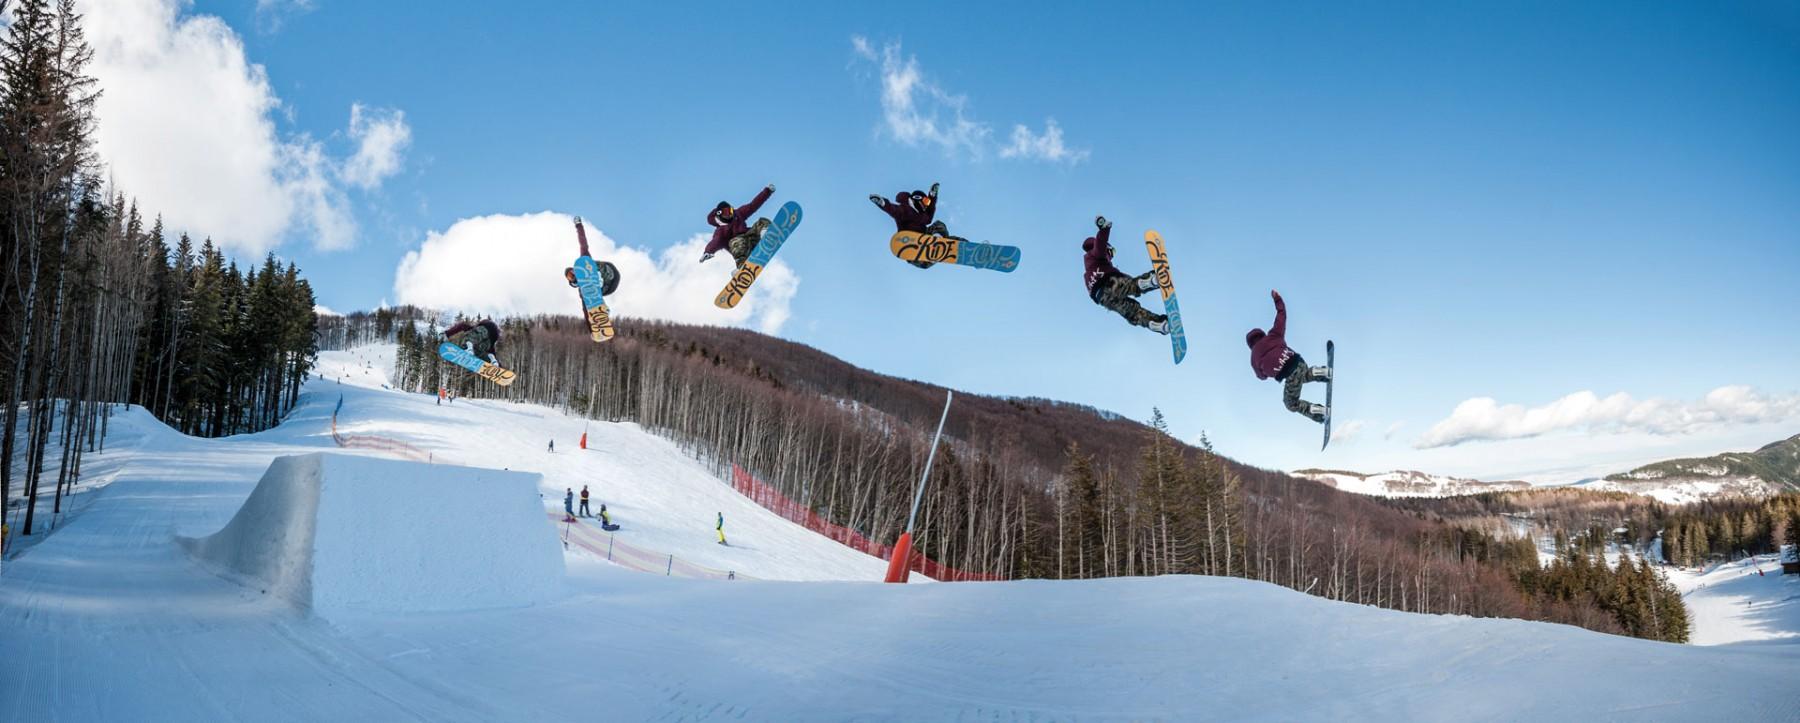 Snowboard al Cimone